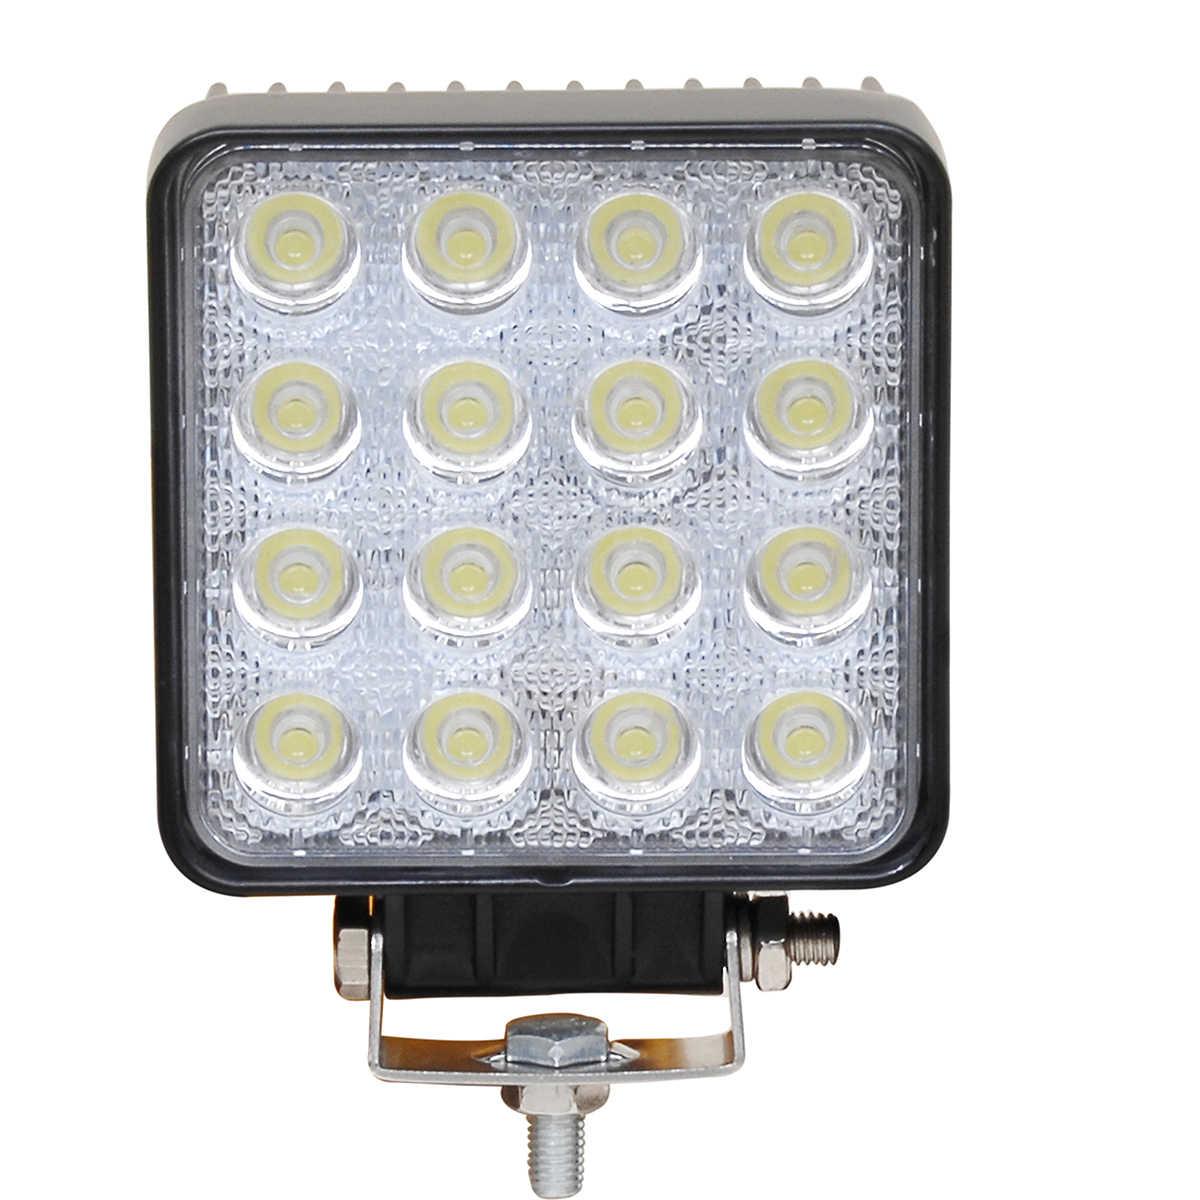 Modoao 1 Buah 10 Pcs Tahan Air 48 W Banjir/Tempat Lampu Kerja LED Bar Lampu Tahan Air Mobil Truk Offroad LED lampu Kerja 12 V 24 V